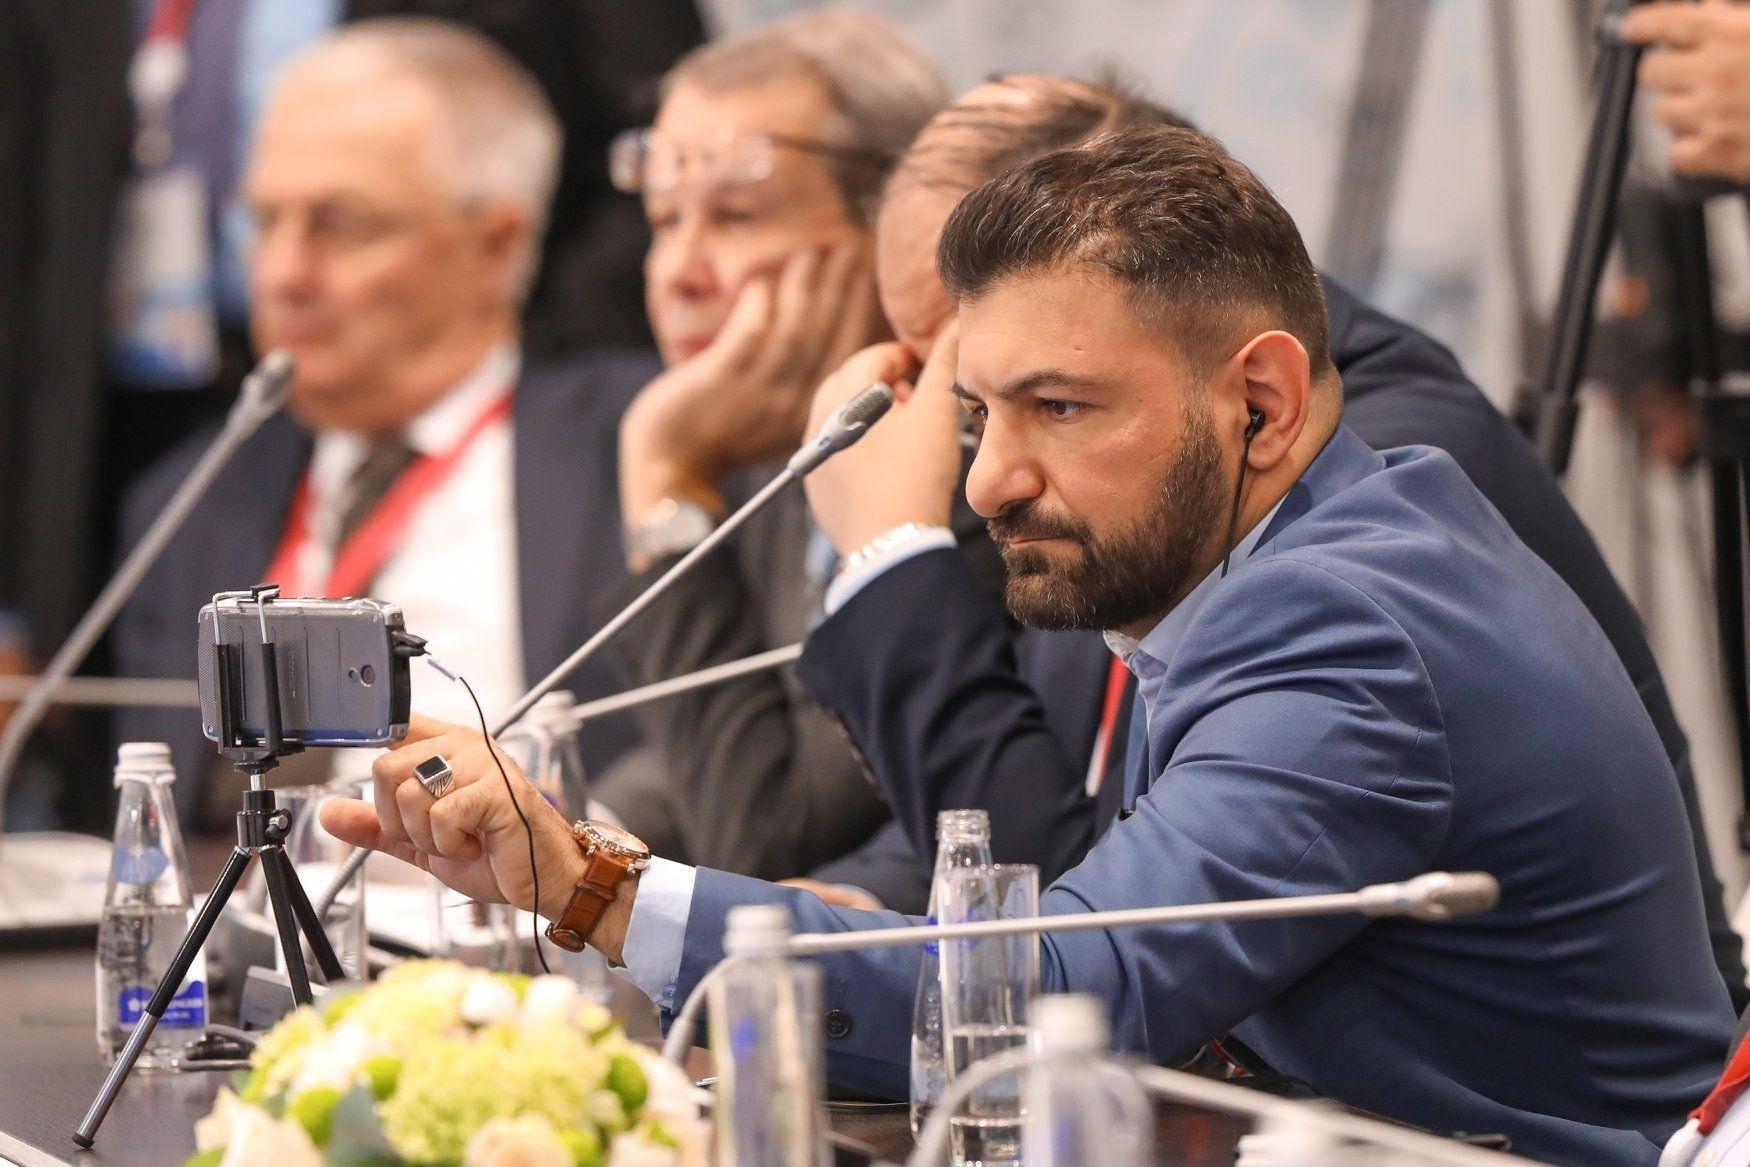 Fuad Abbasov həbsdə olmasının səbəblərini açıqladı – sensasion səs yazısı (AUDİO)